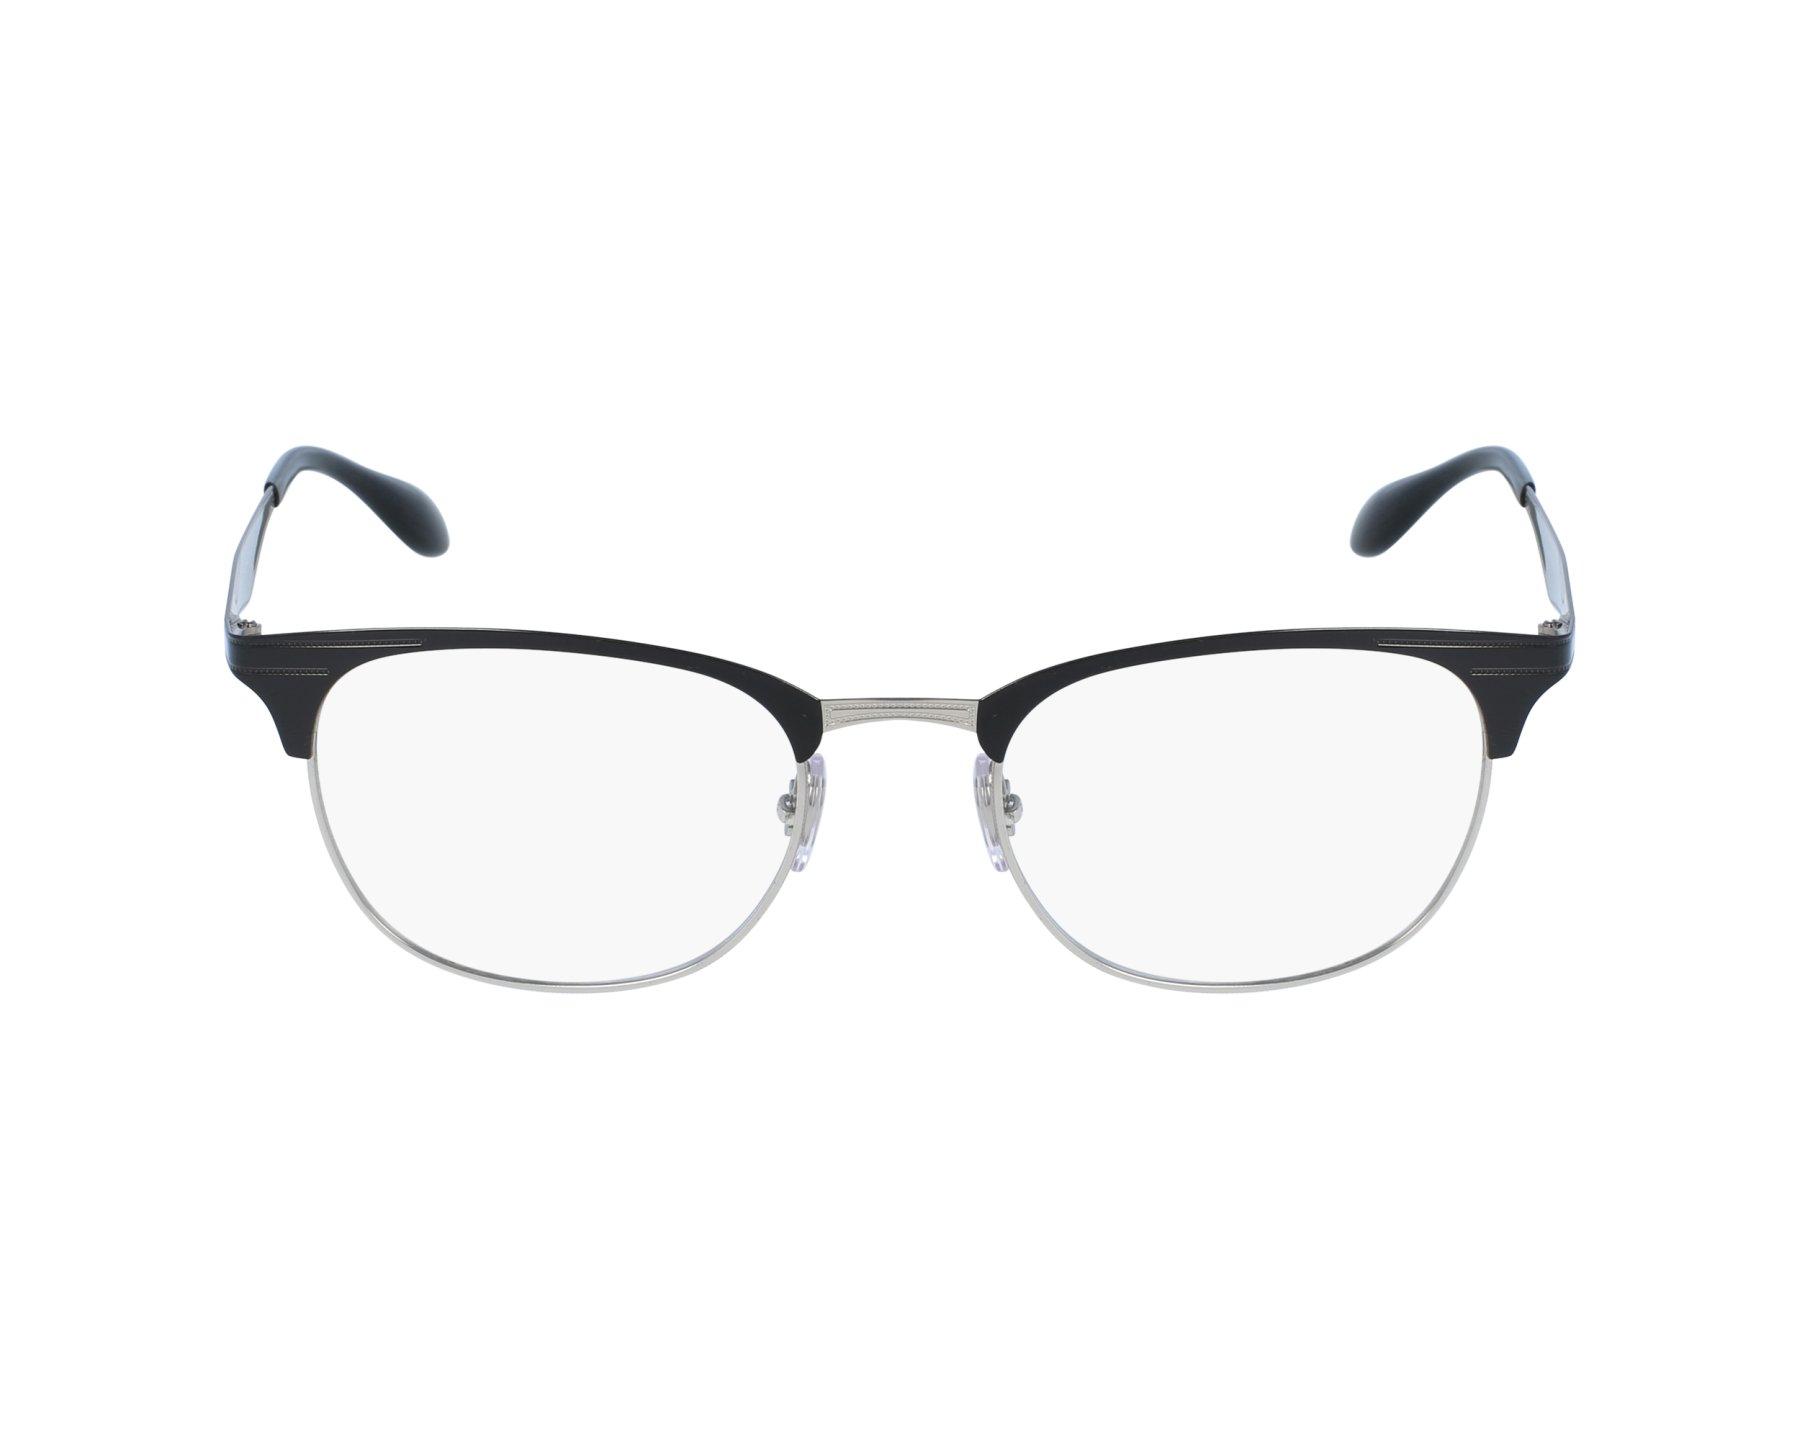 7b3a7b99ed eyeglasses Ray-Ban RX-6346 2861 - Black Silver profile view